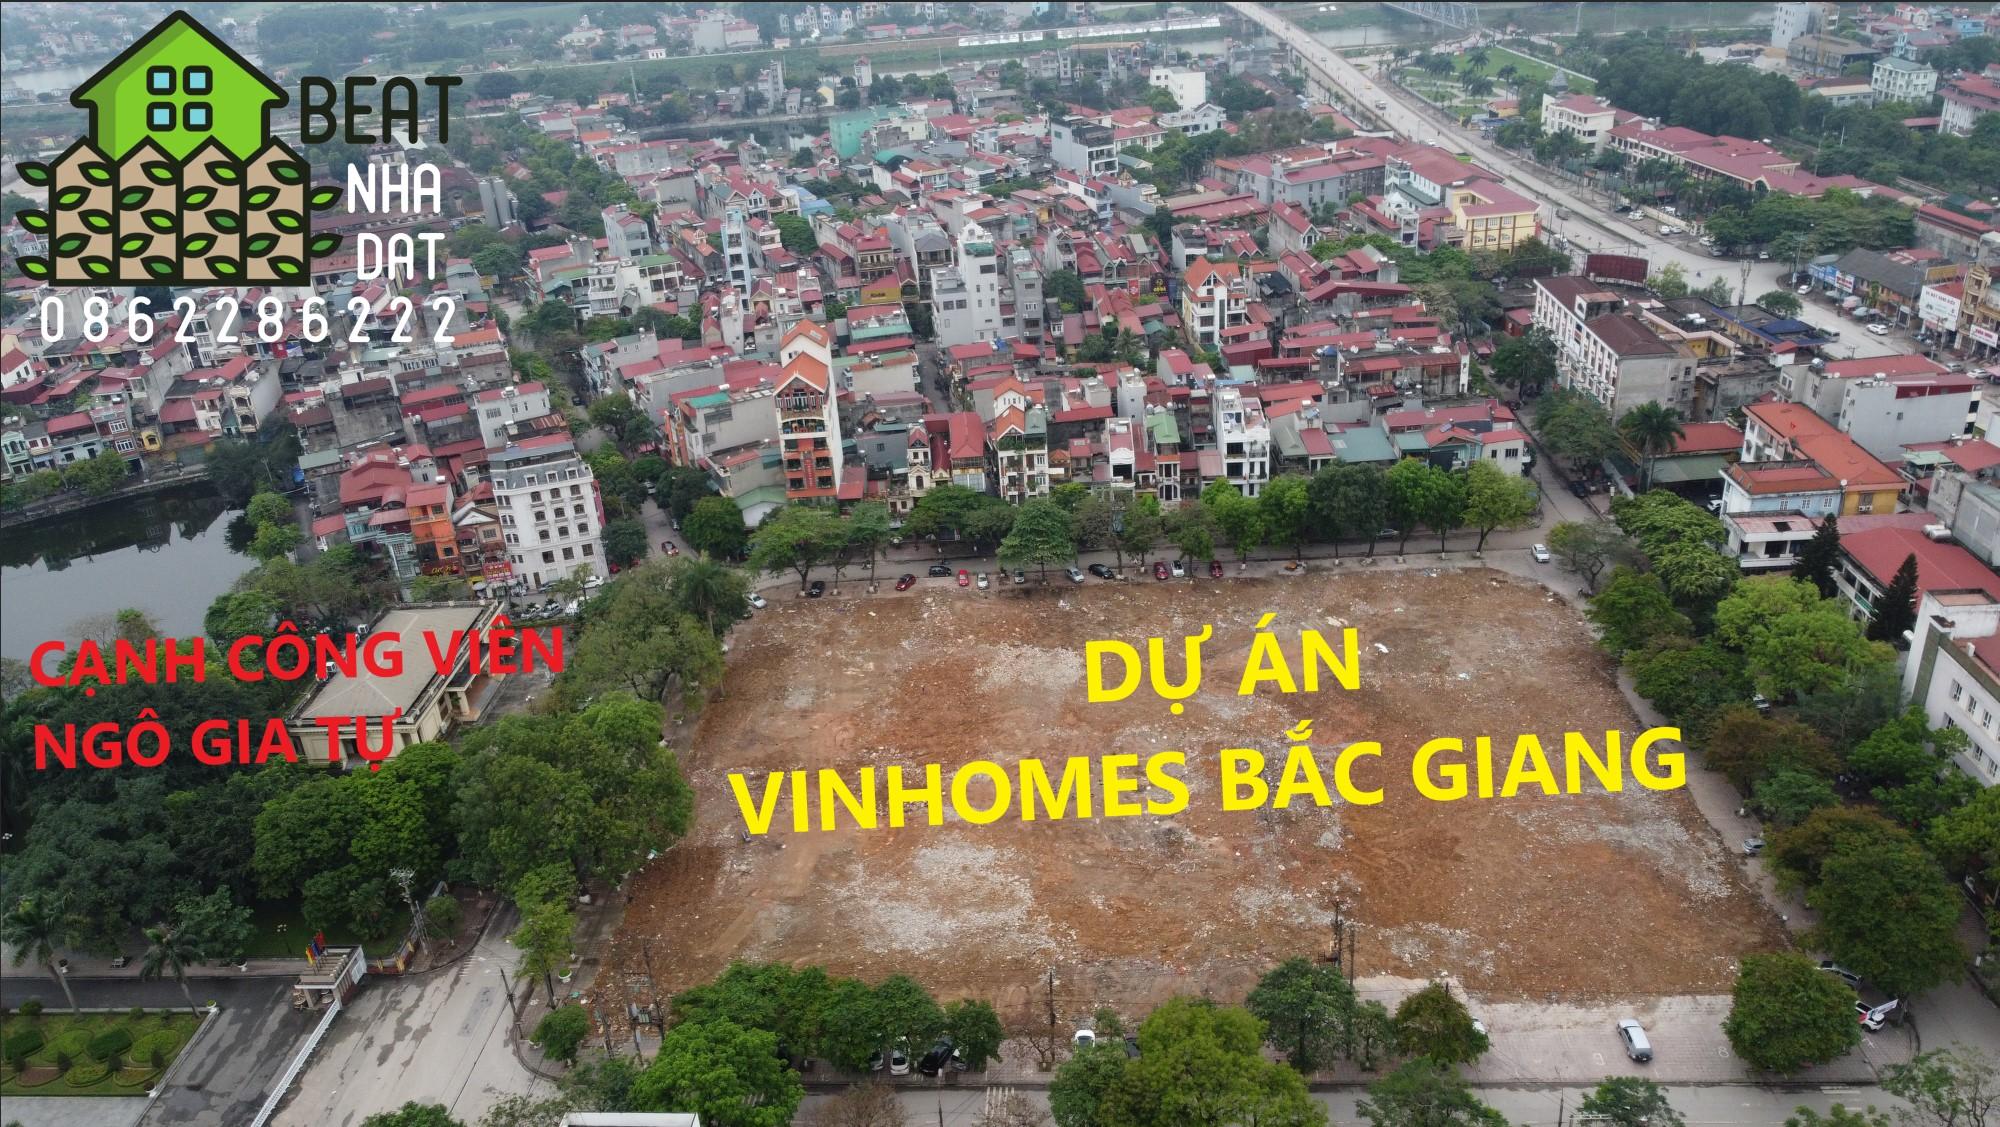 Tiến độ dự án Vinhomes Bắc Giang